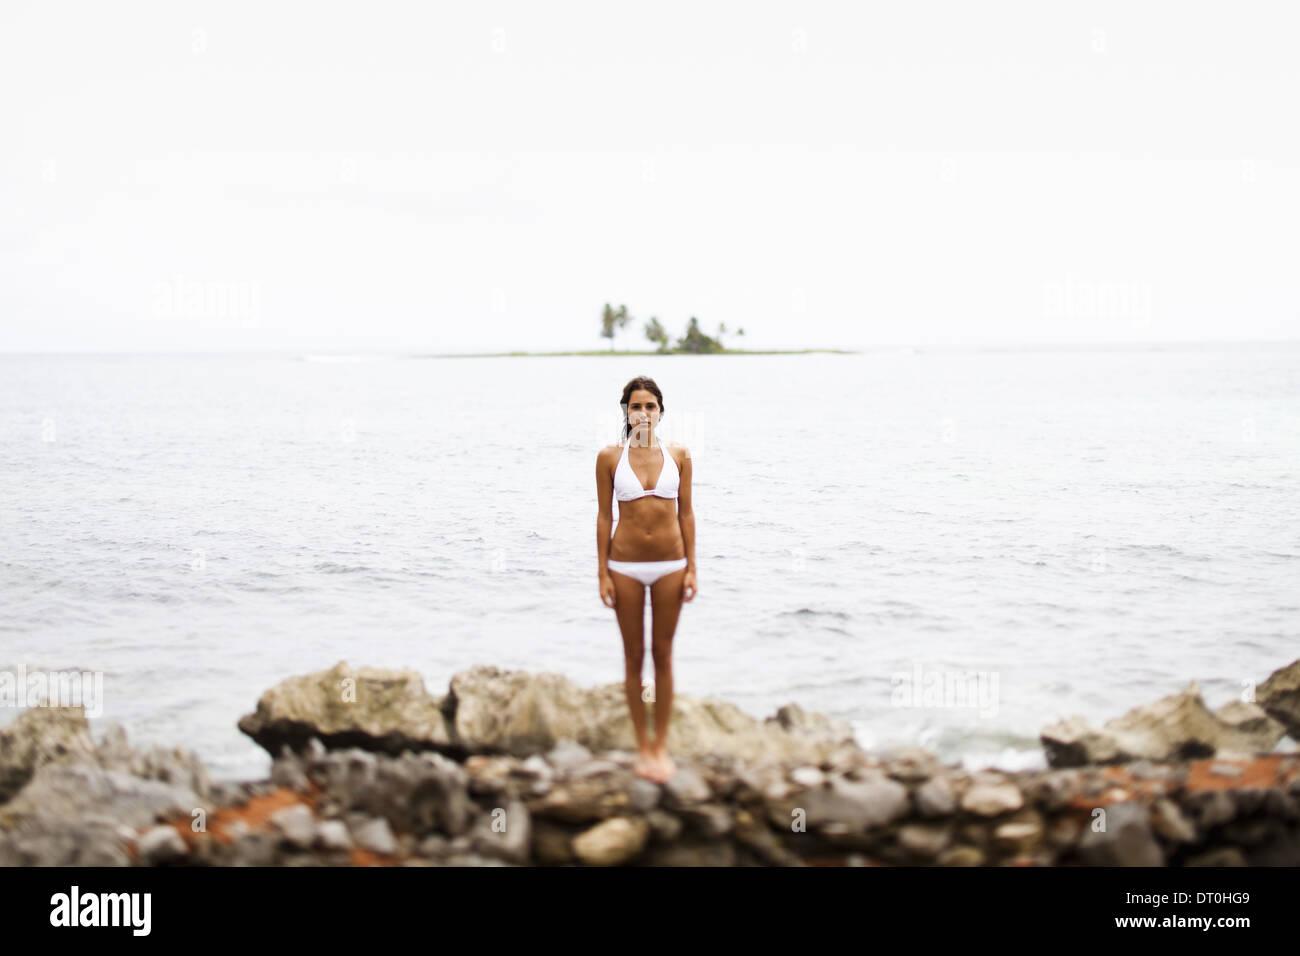 Nude average size wemon